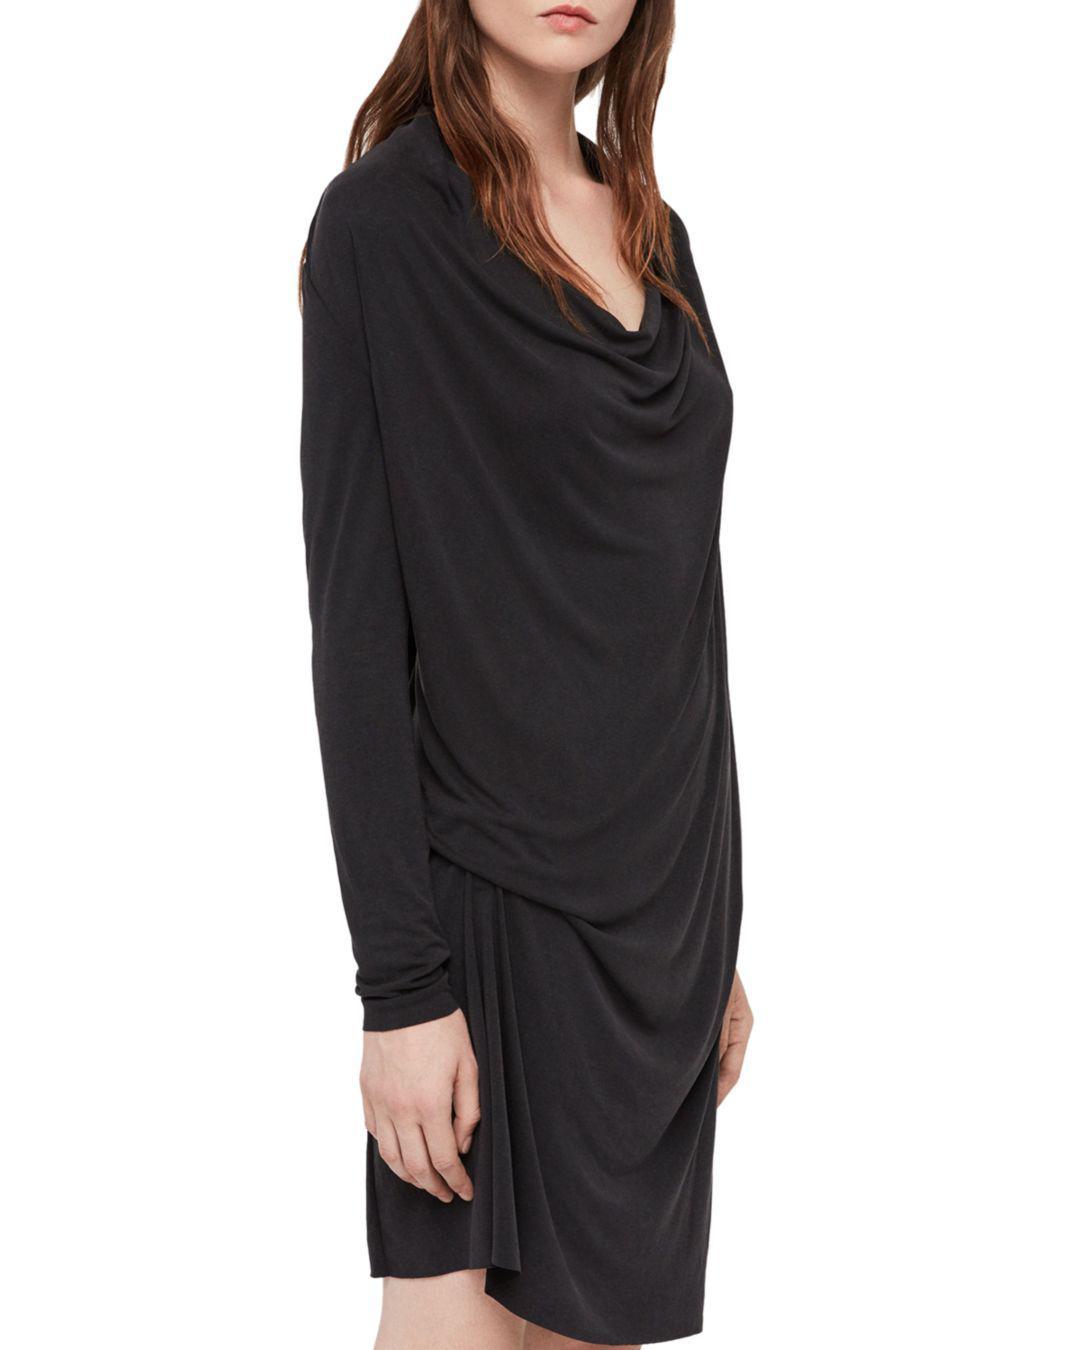 Lyst - Allsaints Amei Draped Shift Dress in Black 08ef04ff6